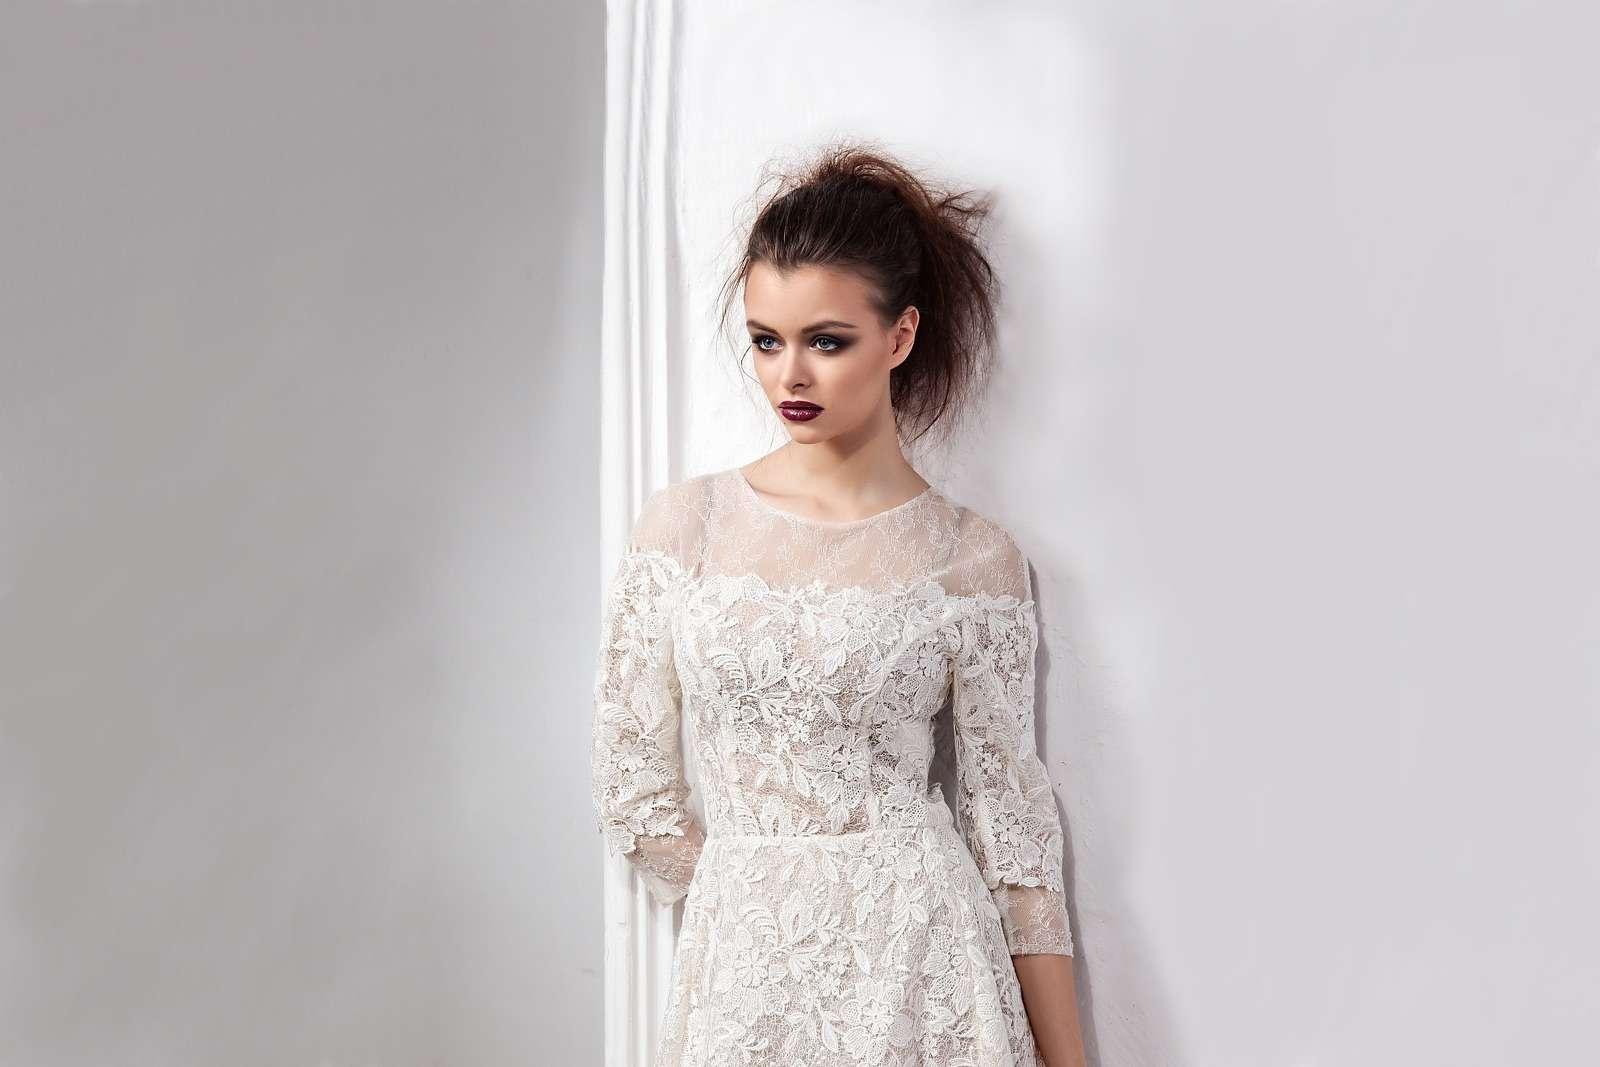 Свадебный салон KATRIN SALON. Салон свадебных платьев и вечерней моды в Москве. Эксклюзивные бренды и самые модные свадебные платья 2015 года